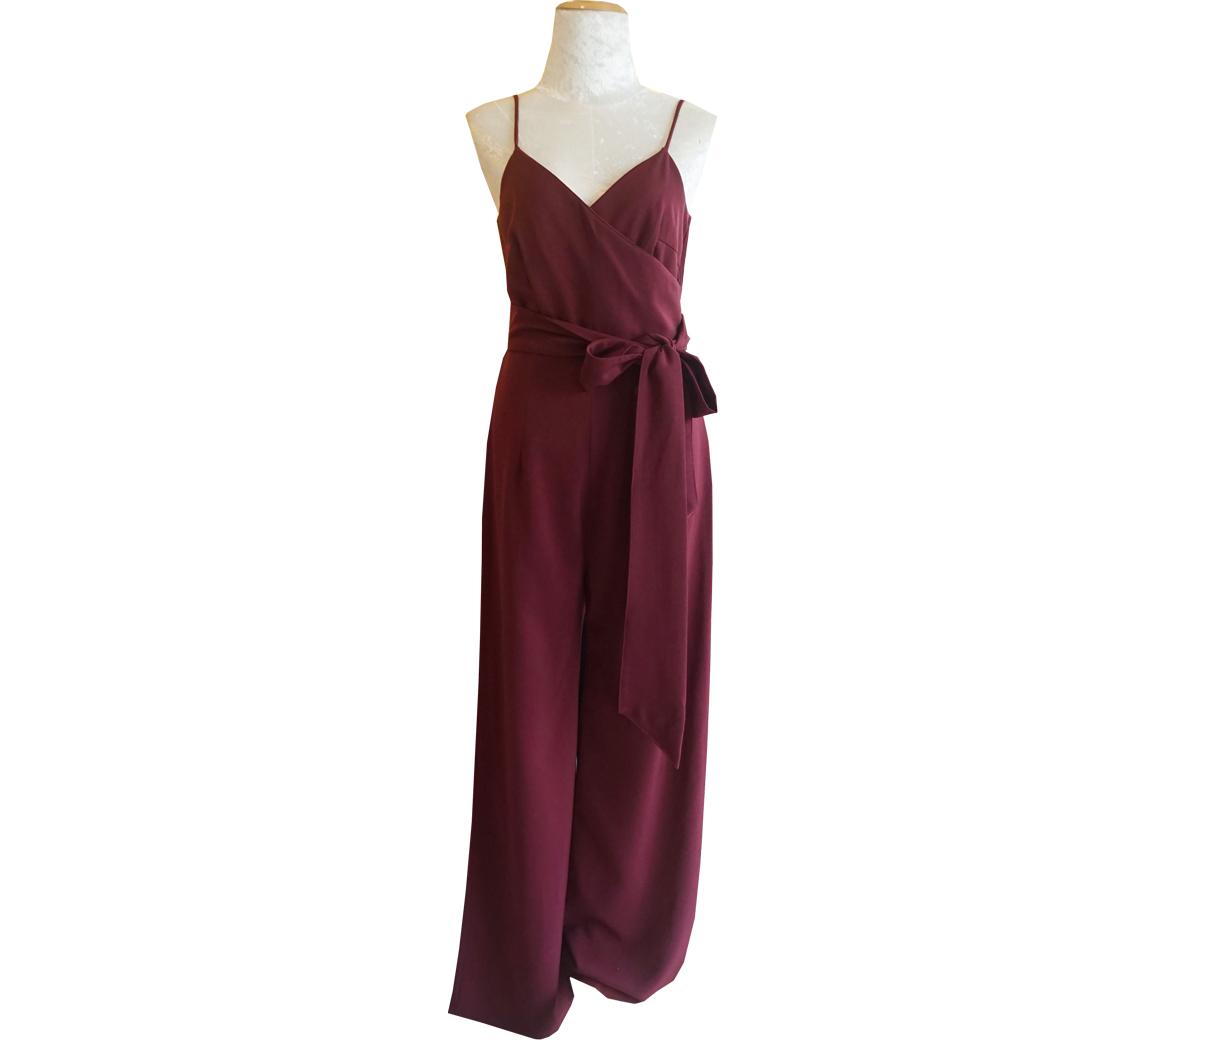 ชุดจั๊มสูทกางเกงขายาวสีแดงไวน์ สายเดี่ยว กางเกงขากระบอก มาพร้อมผ้าผูกเอว : พร้อมส่ง